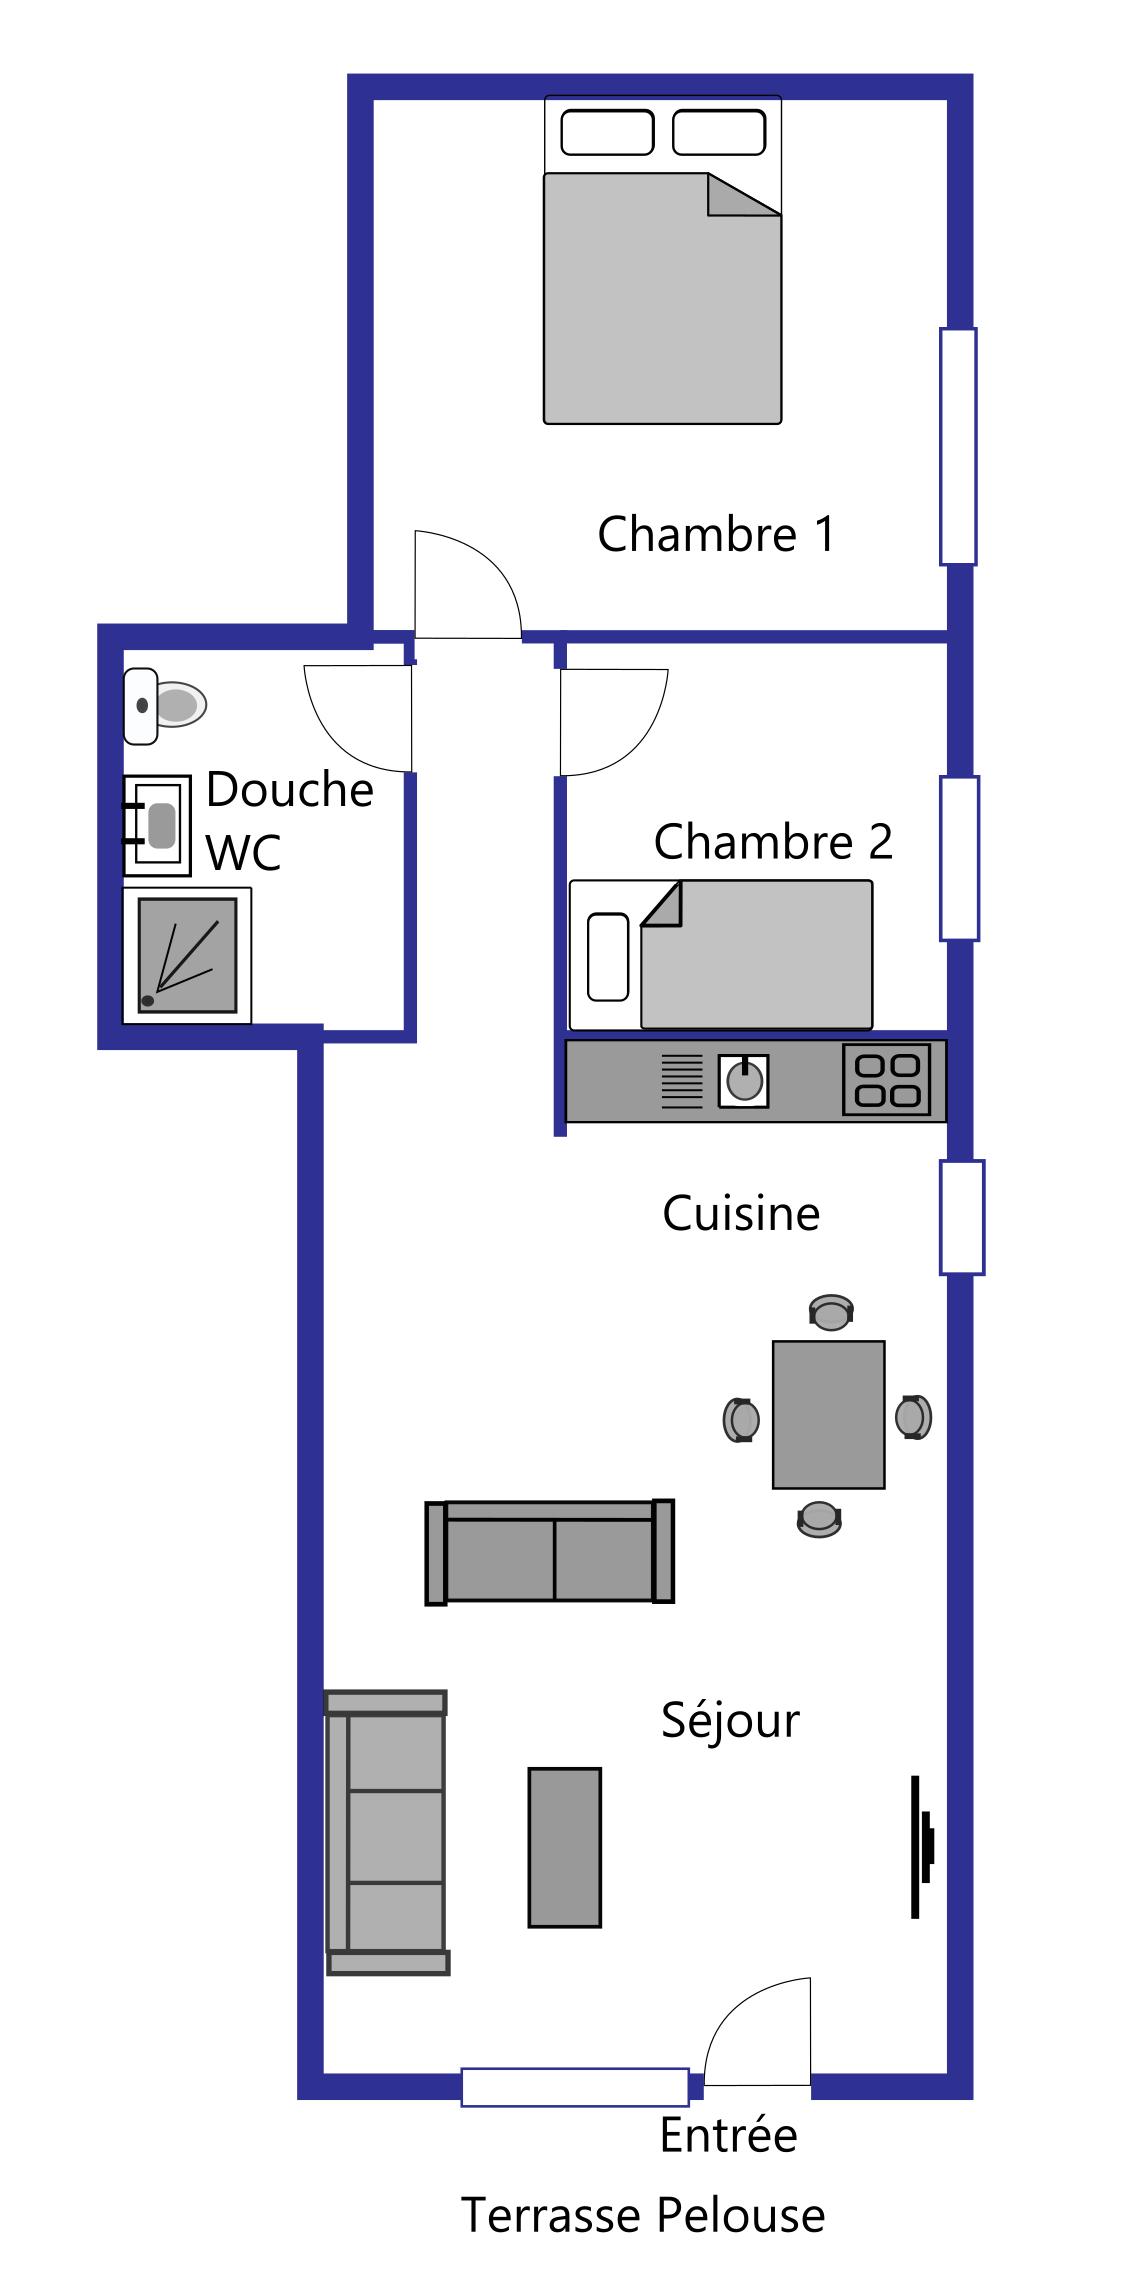 Athenée layout